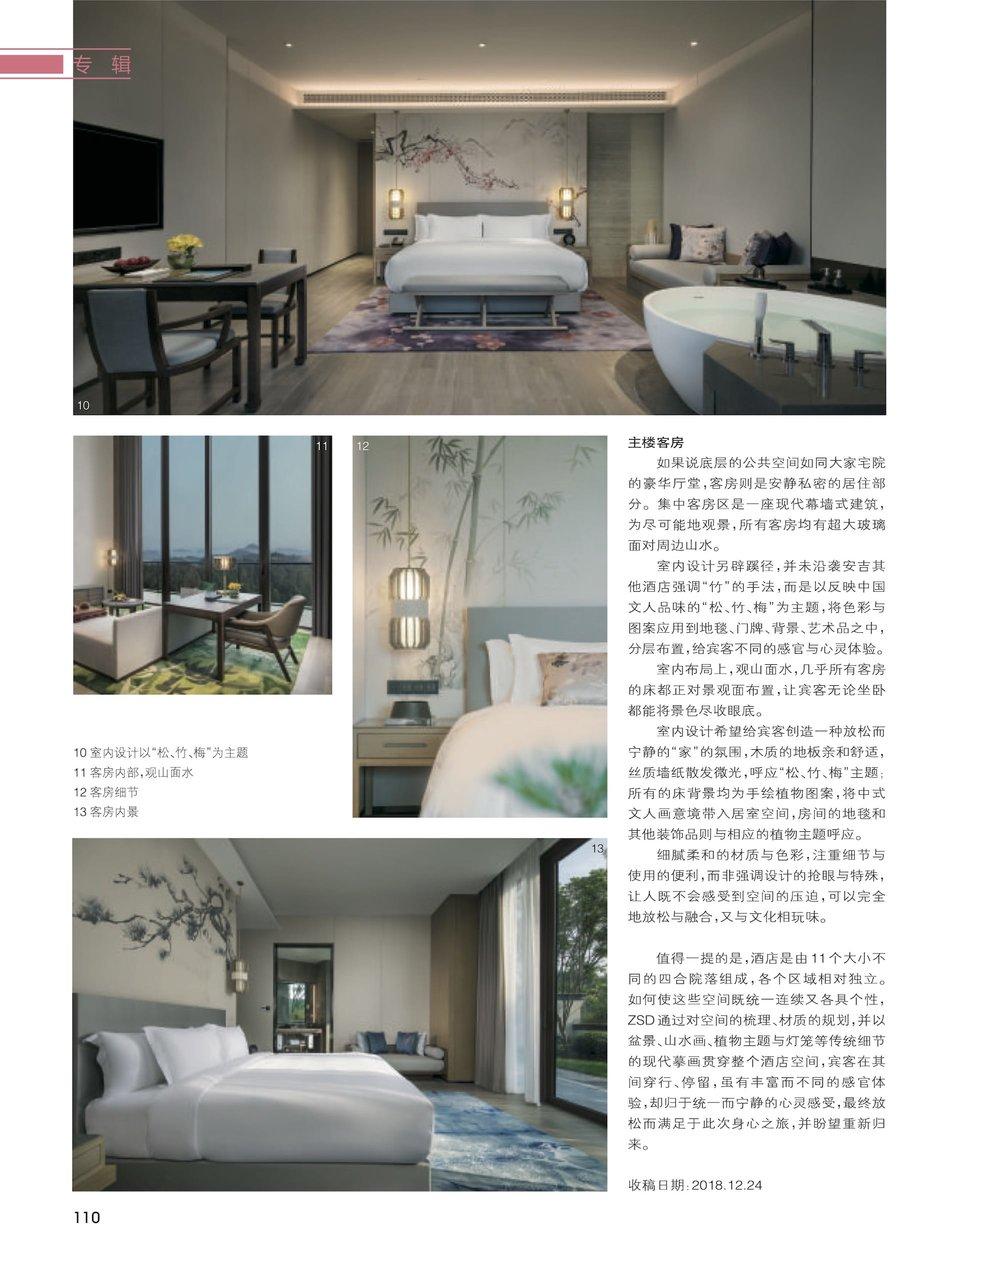 201902 ID+C 安吉悦榕庄度假酒店5.jpg